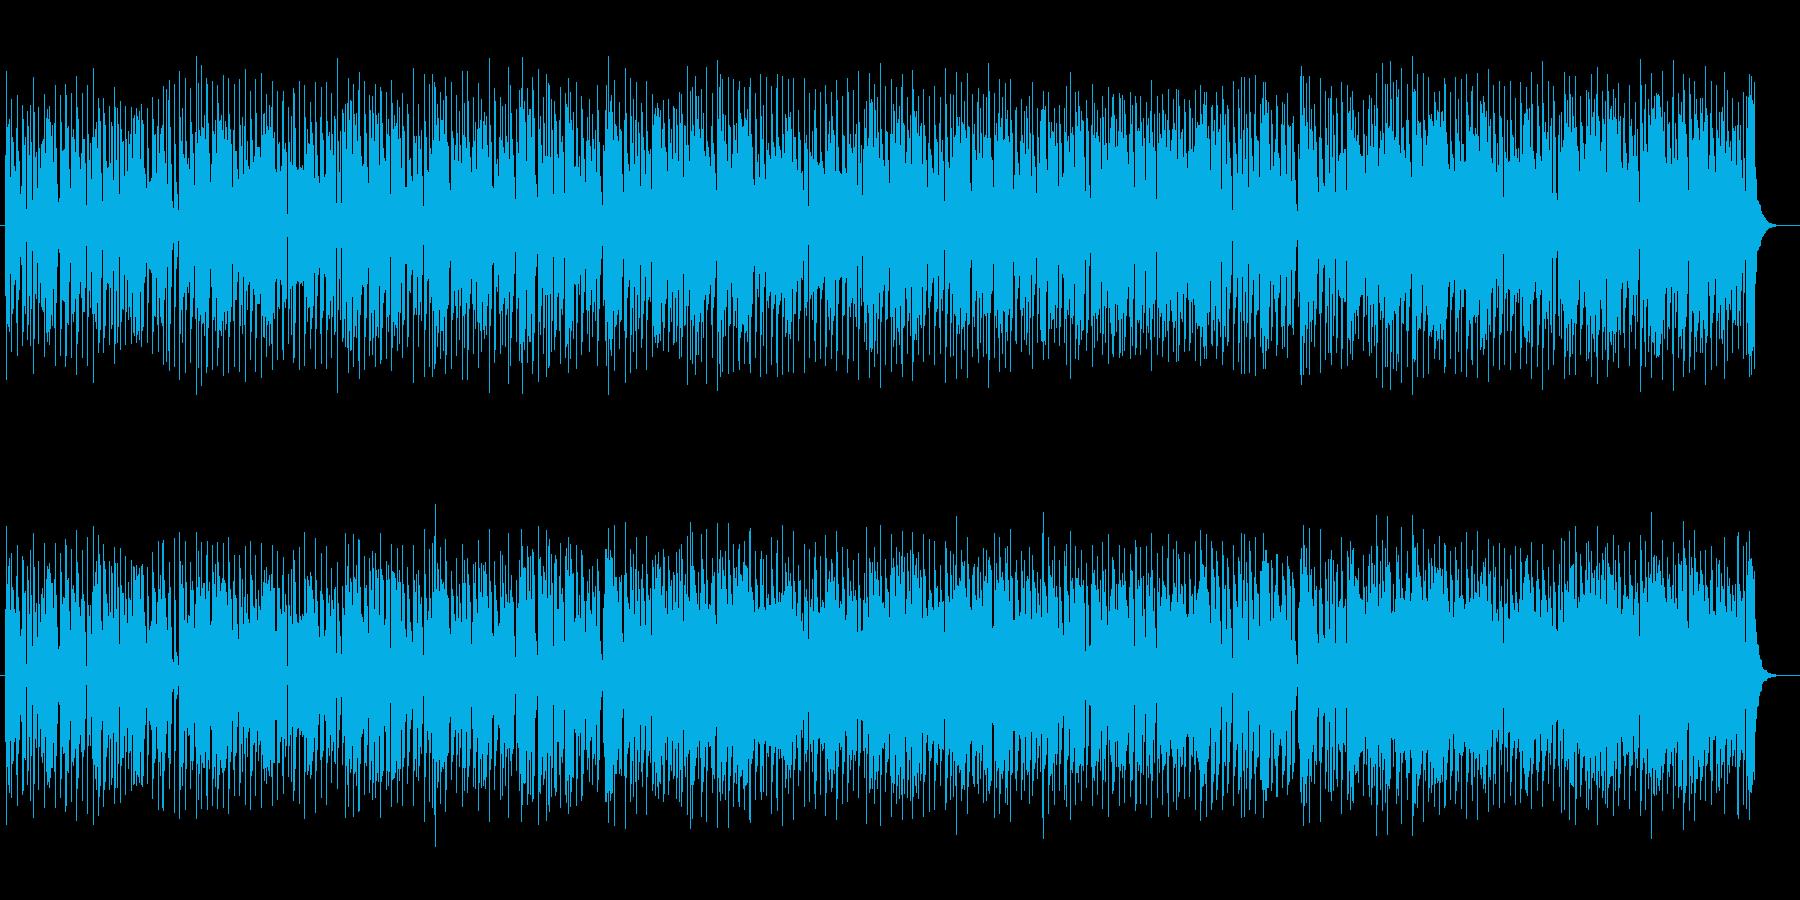 明るいフルート中心のマーチの再生済みの波形